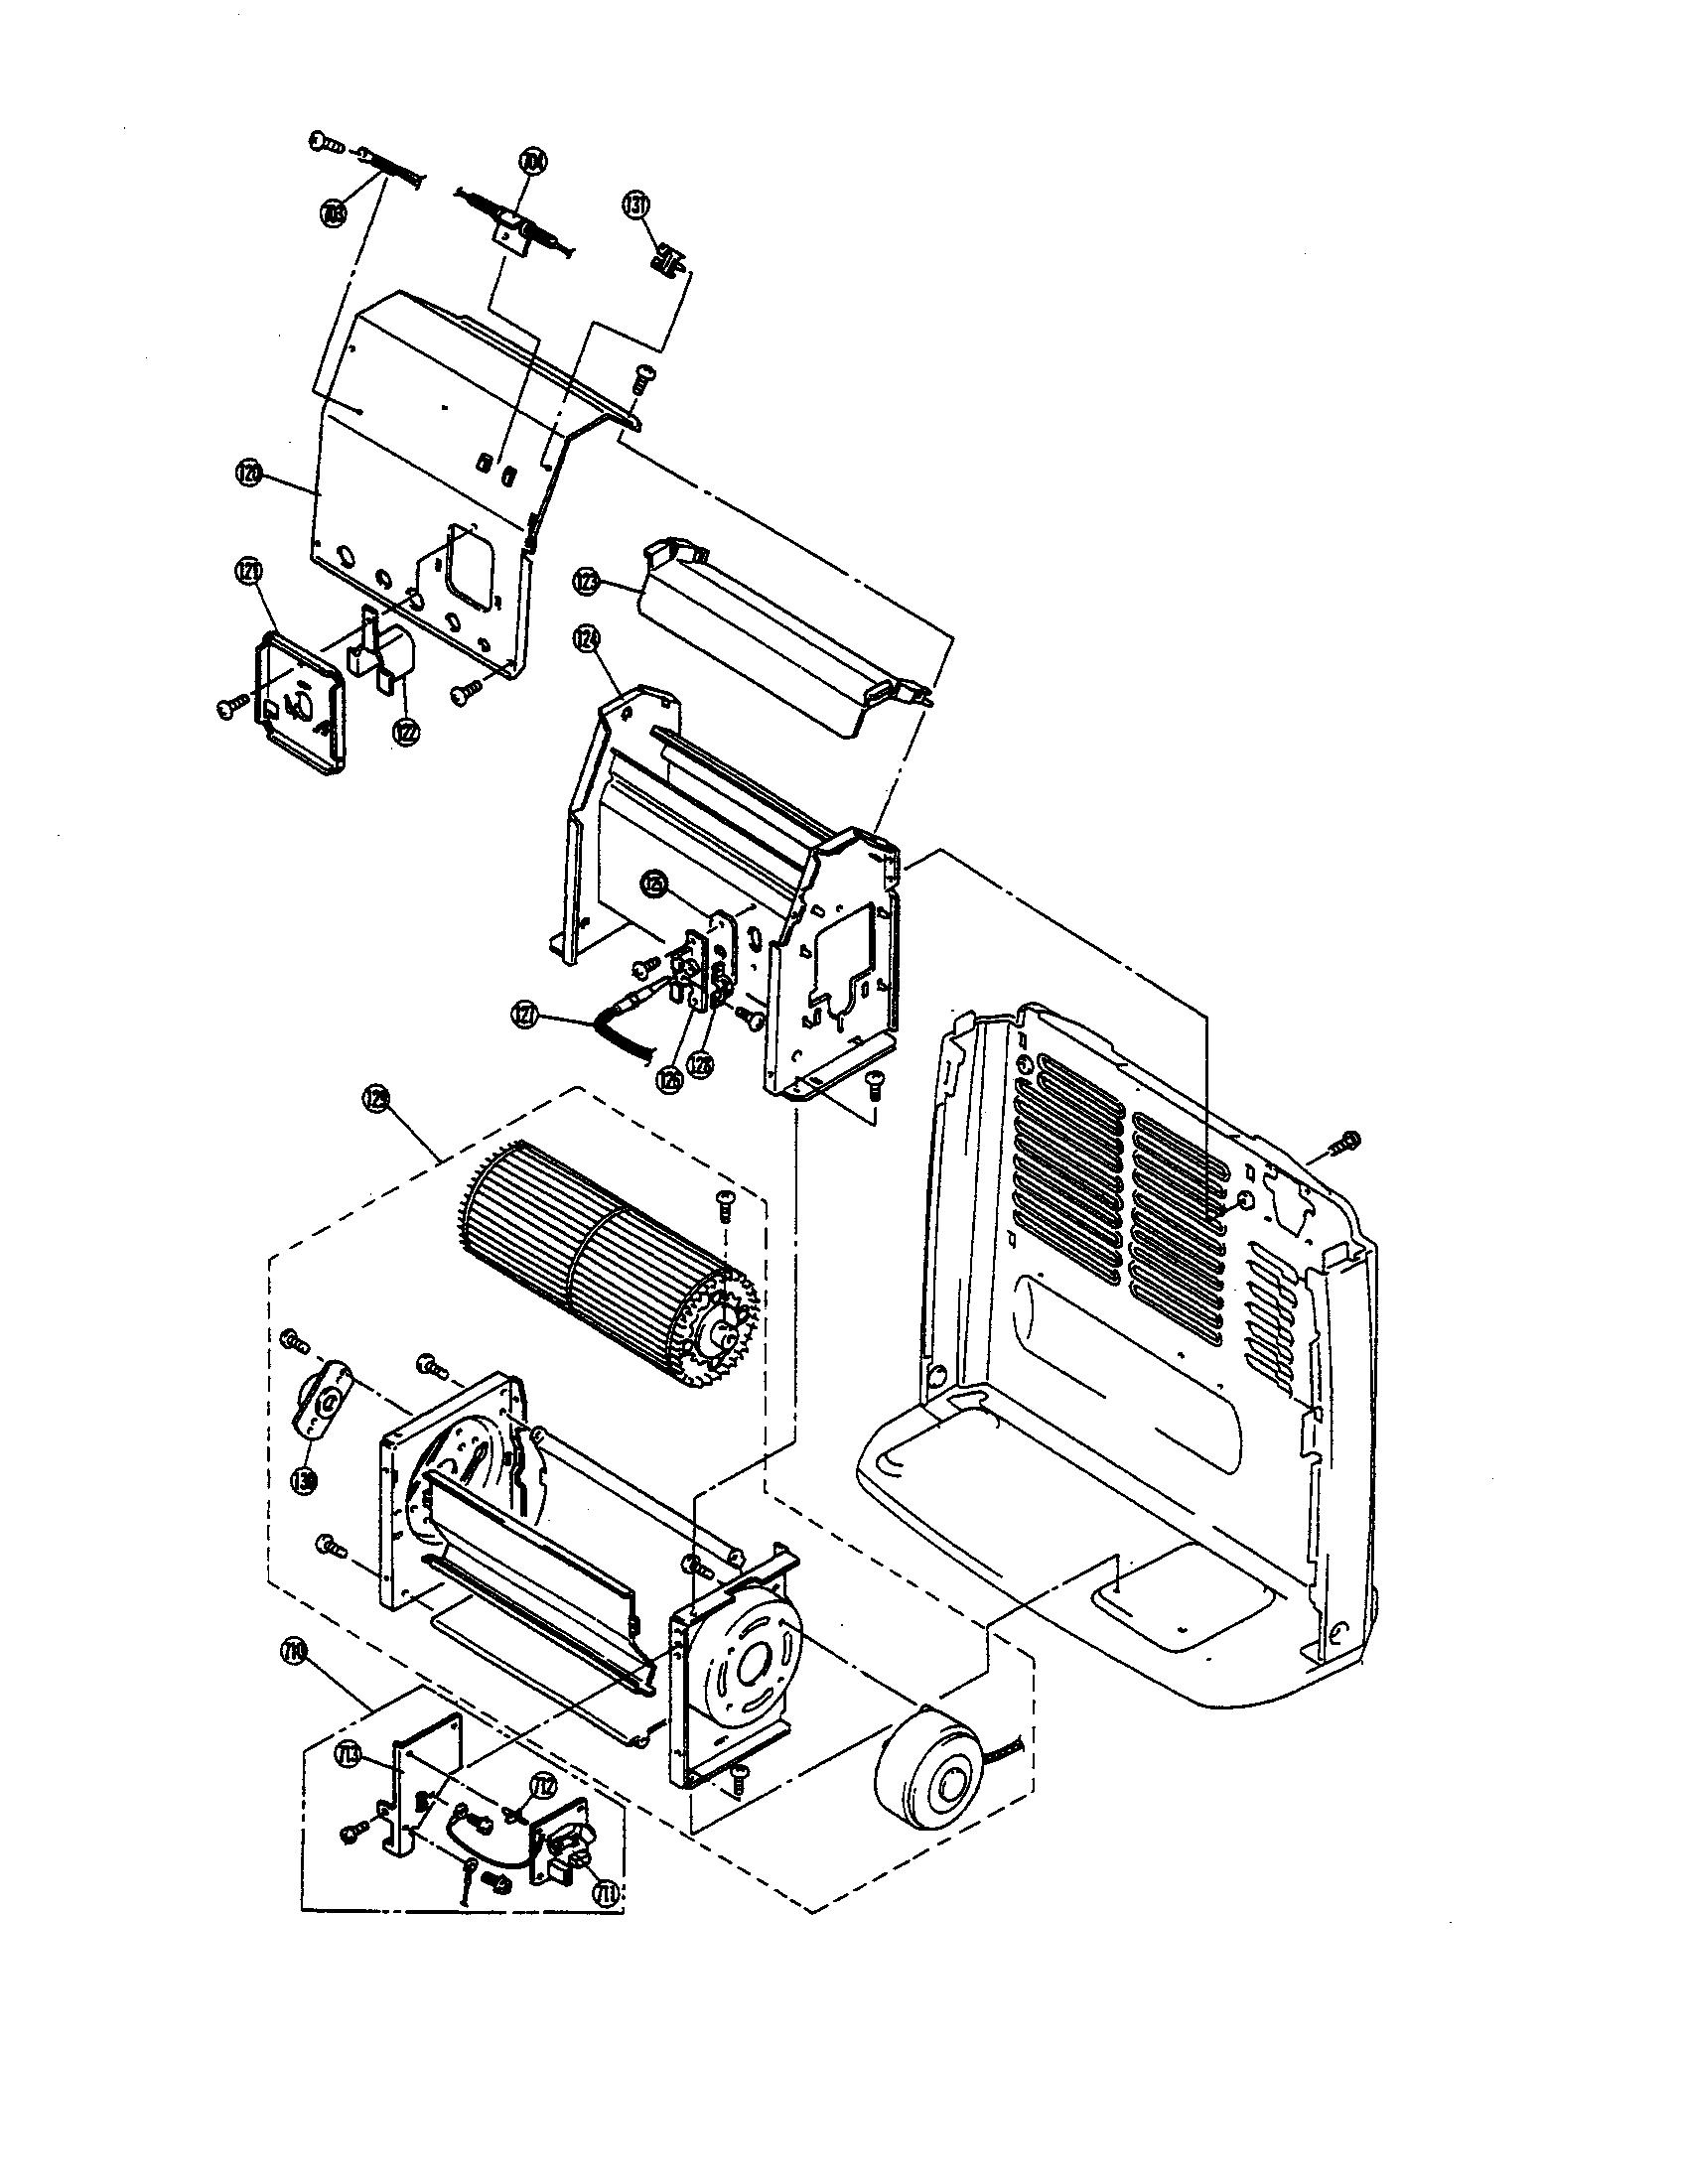 Direct Vent Wiring Diagram Honda Motorcycle Repair